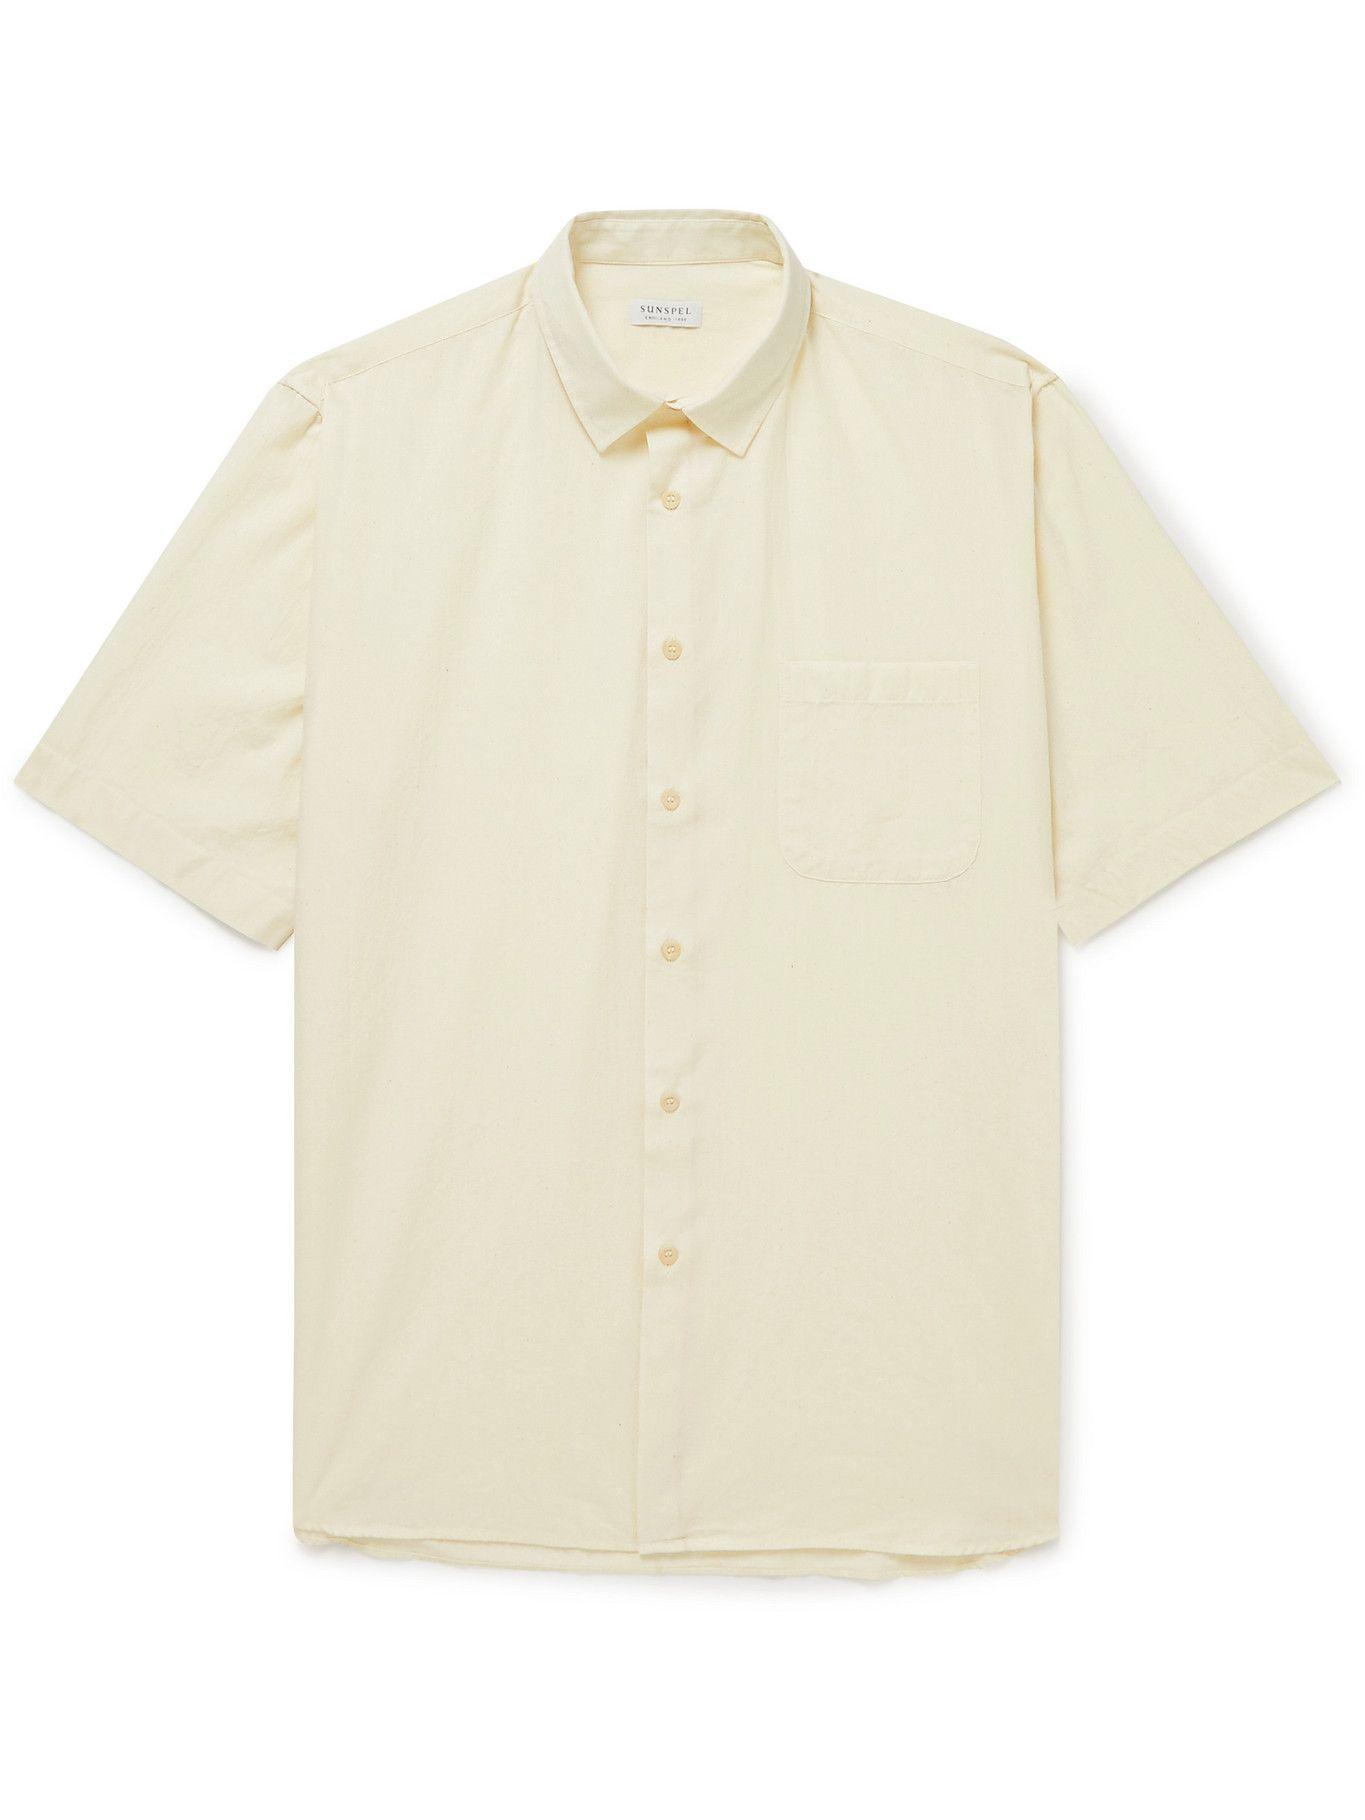 Sunspel - Selvedge Cotton-Chambray Shirt - Neutrals